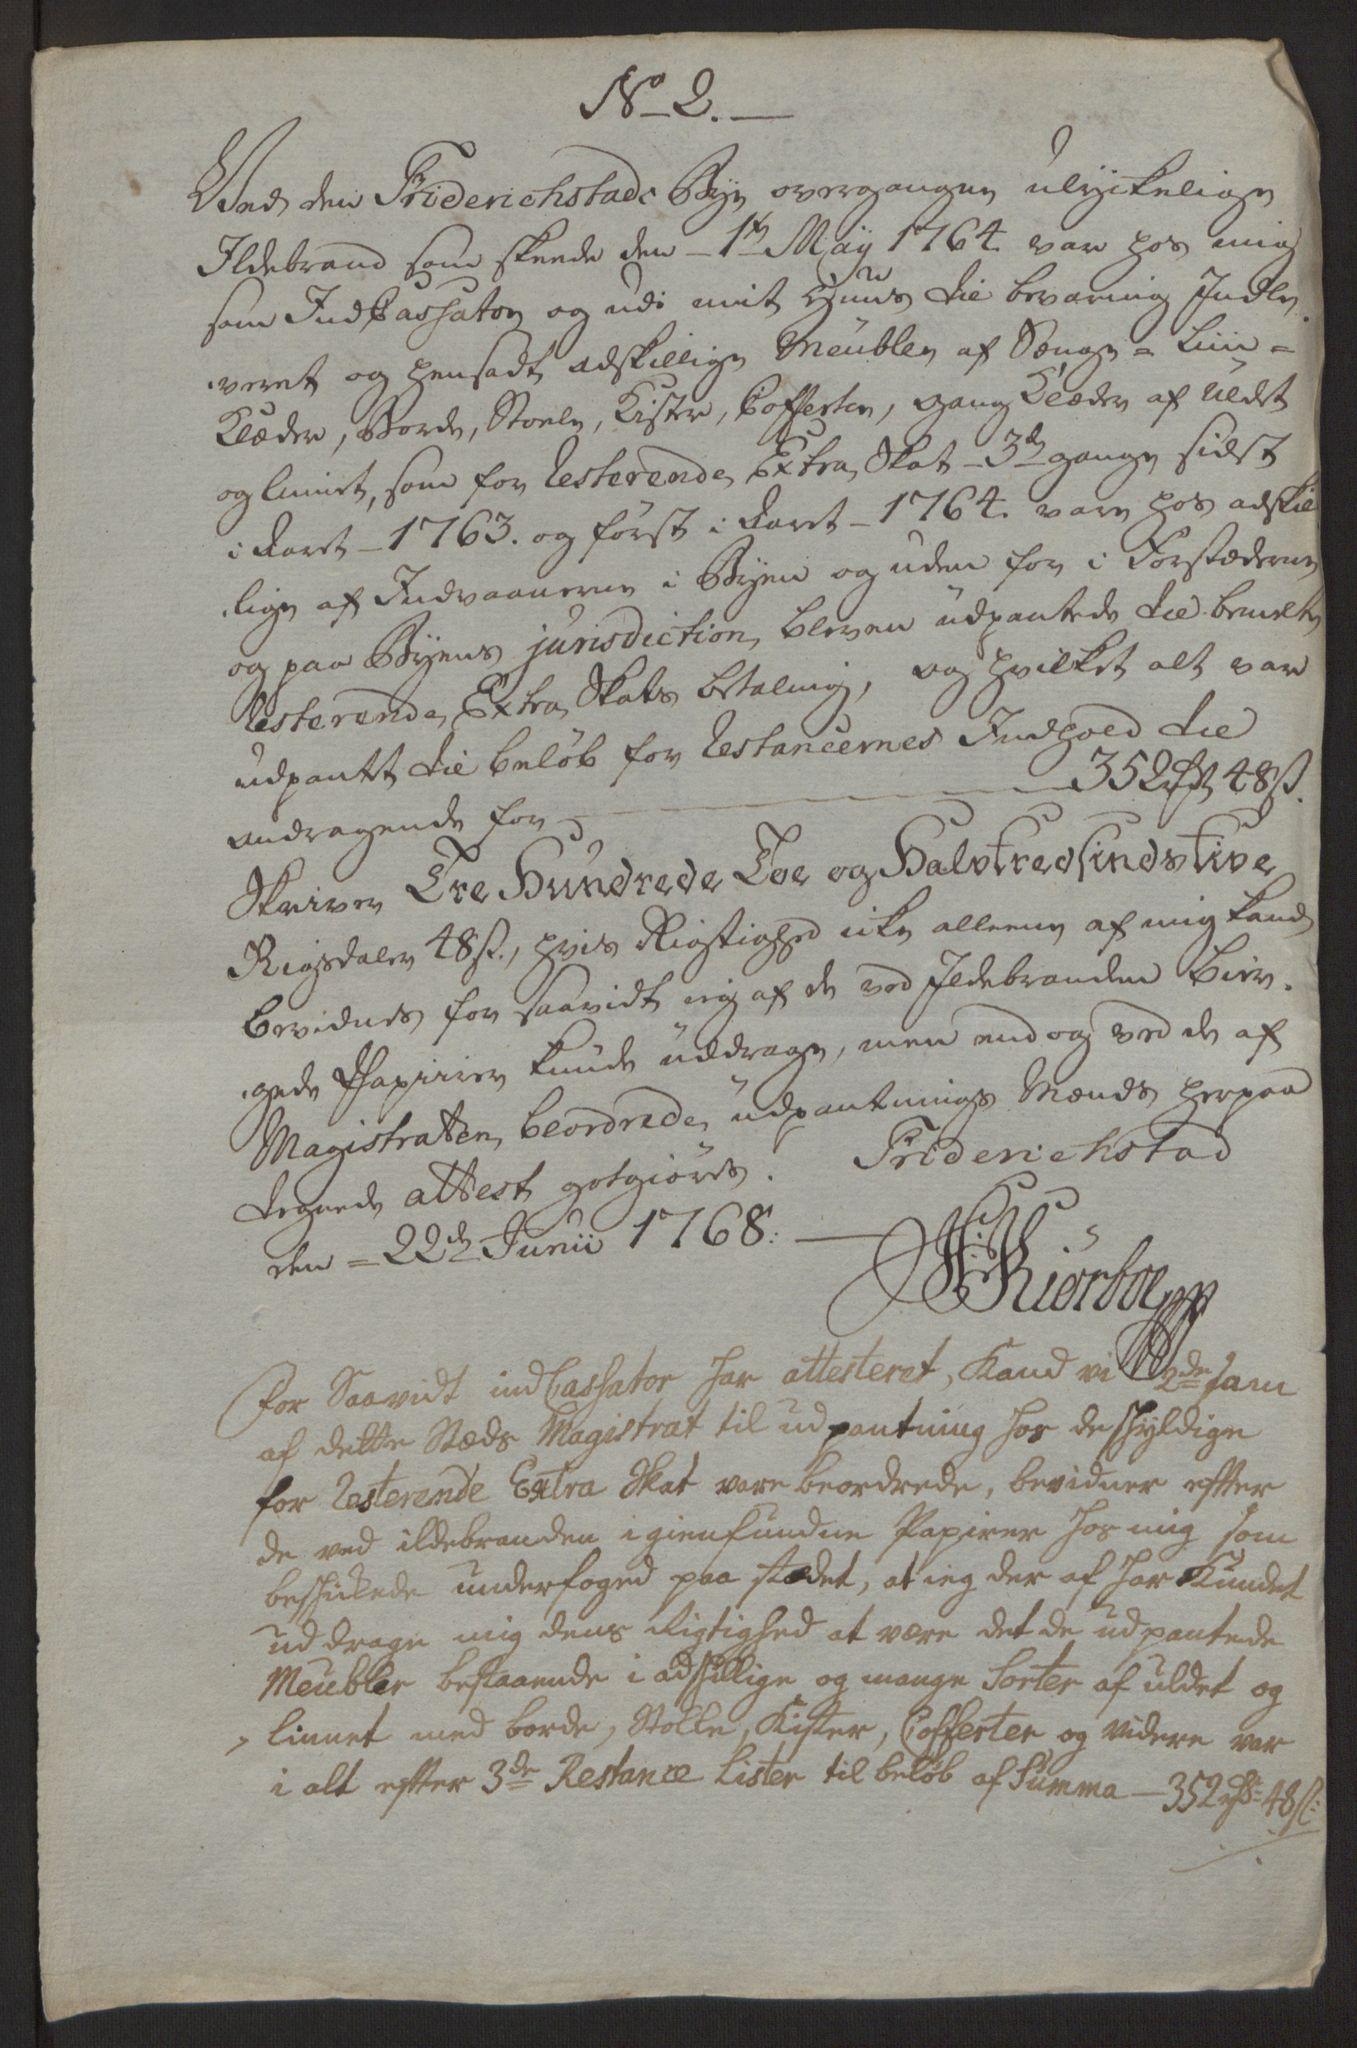 RA, Rentekammeret inntil 1814, Reviderte regnskaper, Byregnskaper, R/Rb/L0029: [B3] Kontribusjonsregnskap, 1762-1772, s. 157